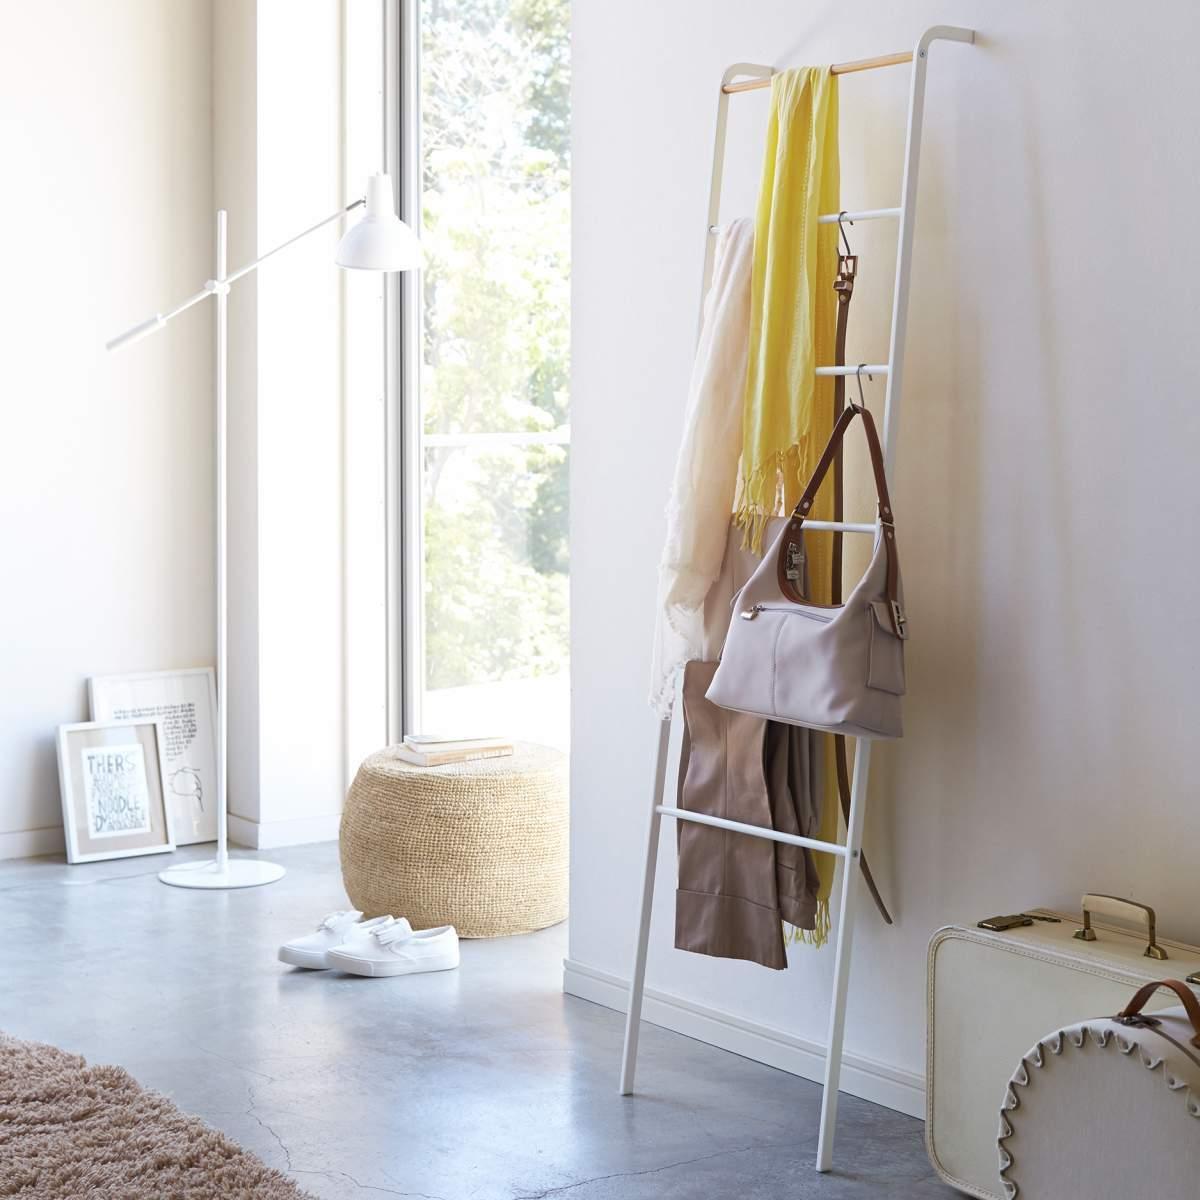 yamazaki deko leiter handtuchhalter kleiderleiter dekoleiter weiß | ebay